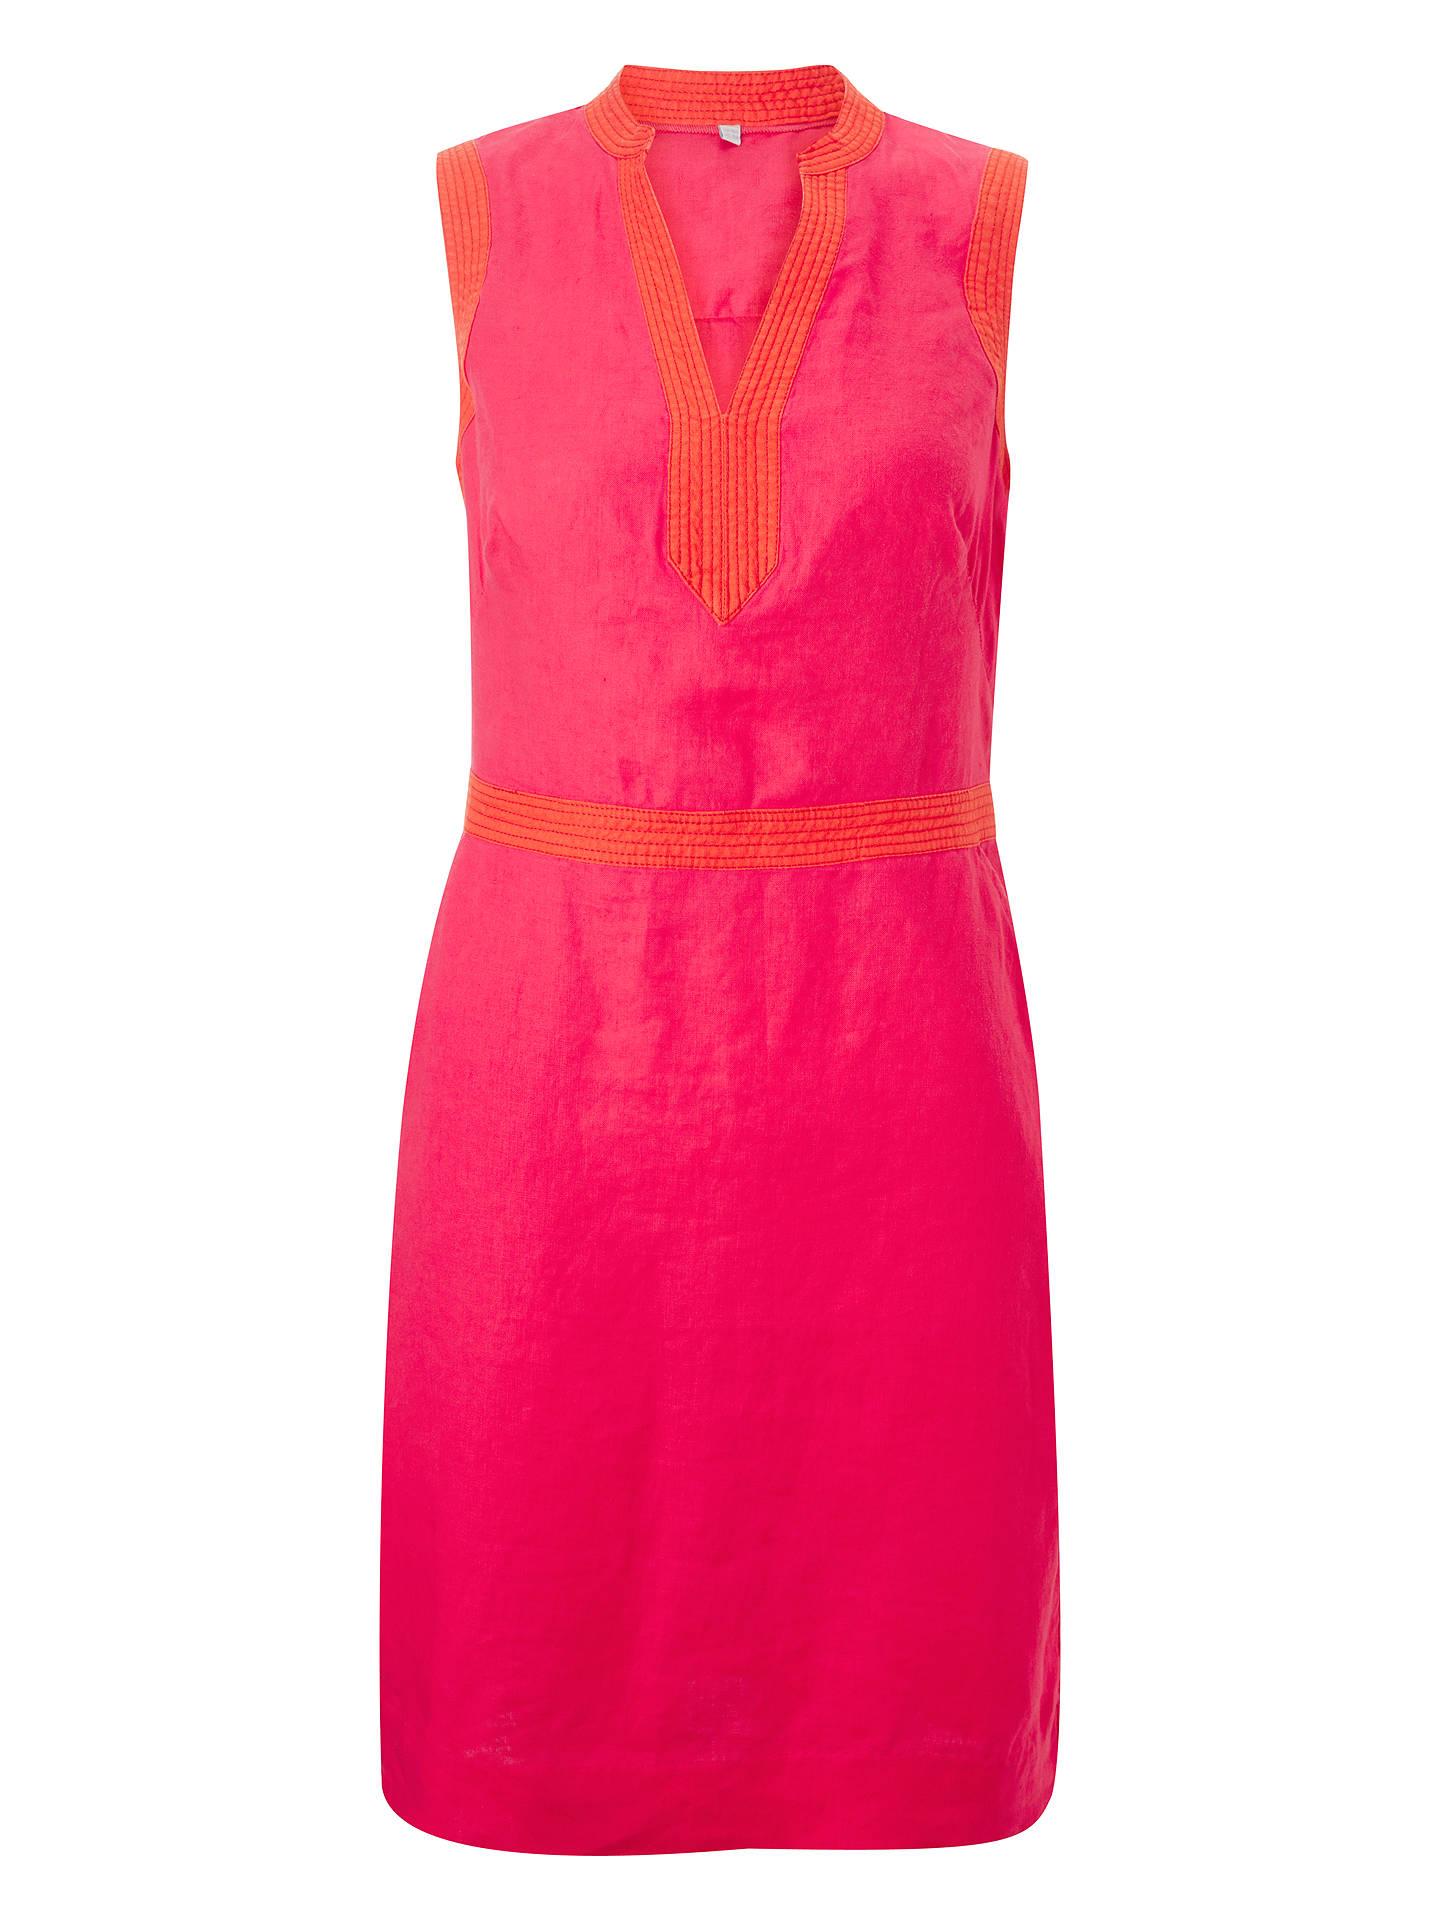 da2b368863 Boden Linen Notch Neck Dress at John Lewis   Partners